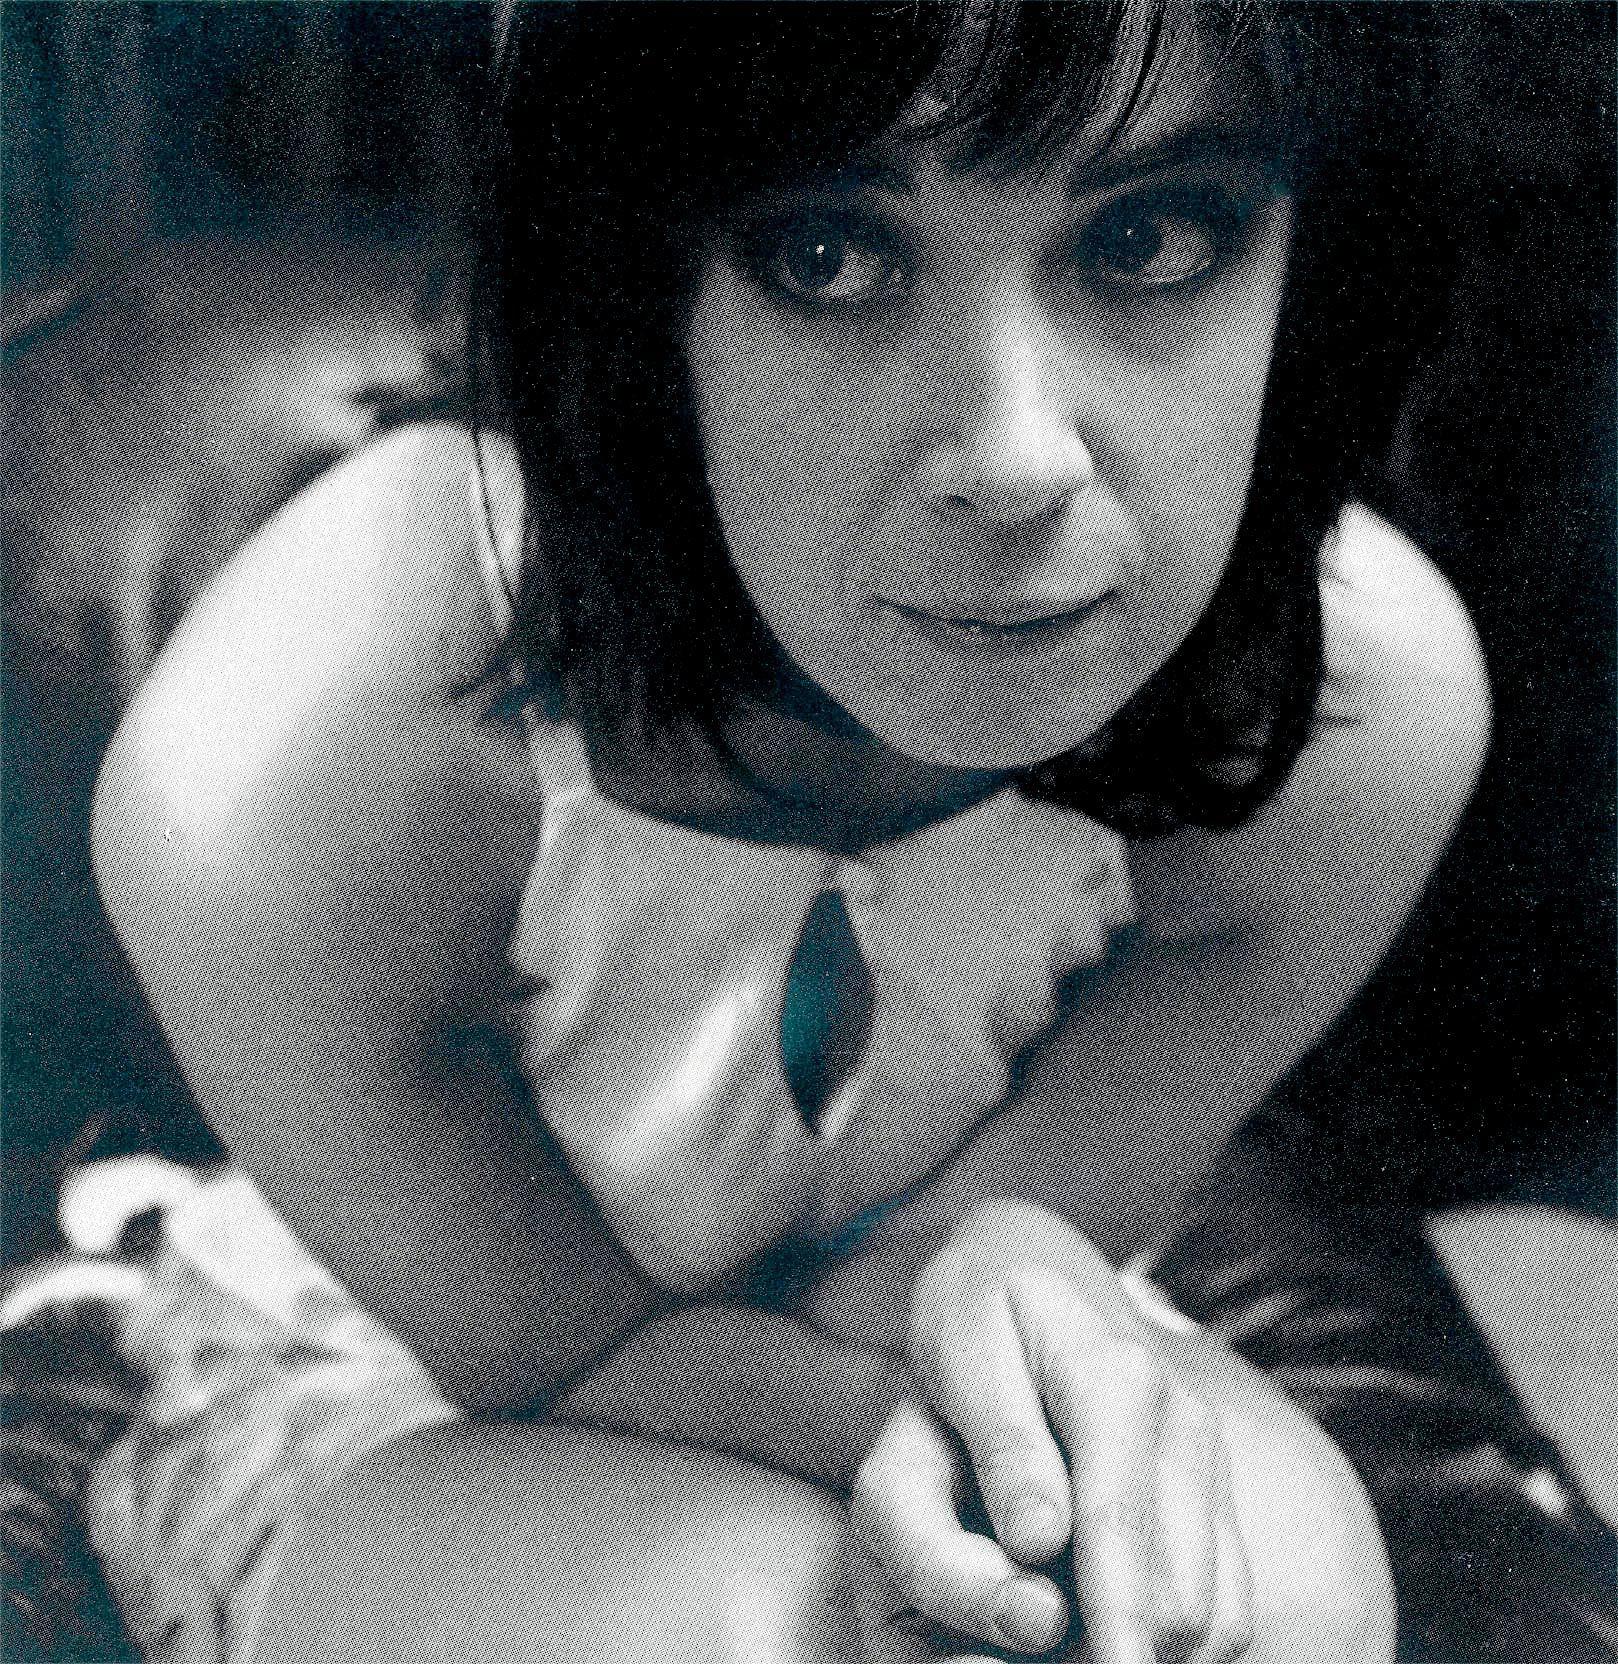 Tregua 1997-2017 Stelle buone : l'album raccolta con cui Cristina Donà festeggia 20 anni di carriera